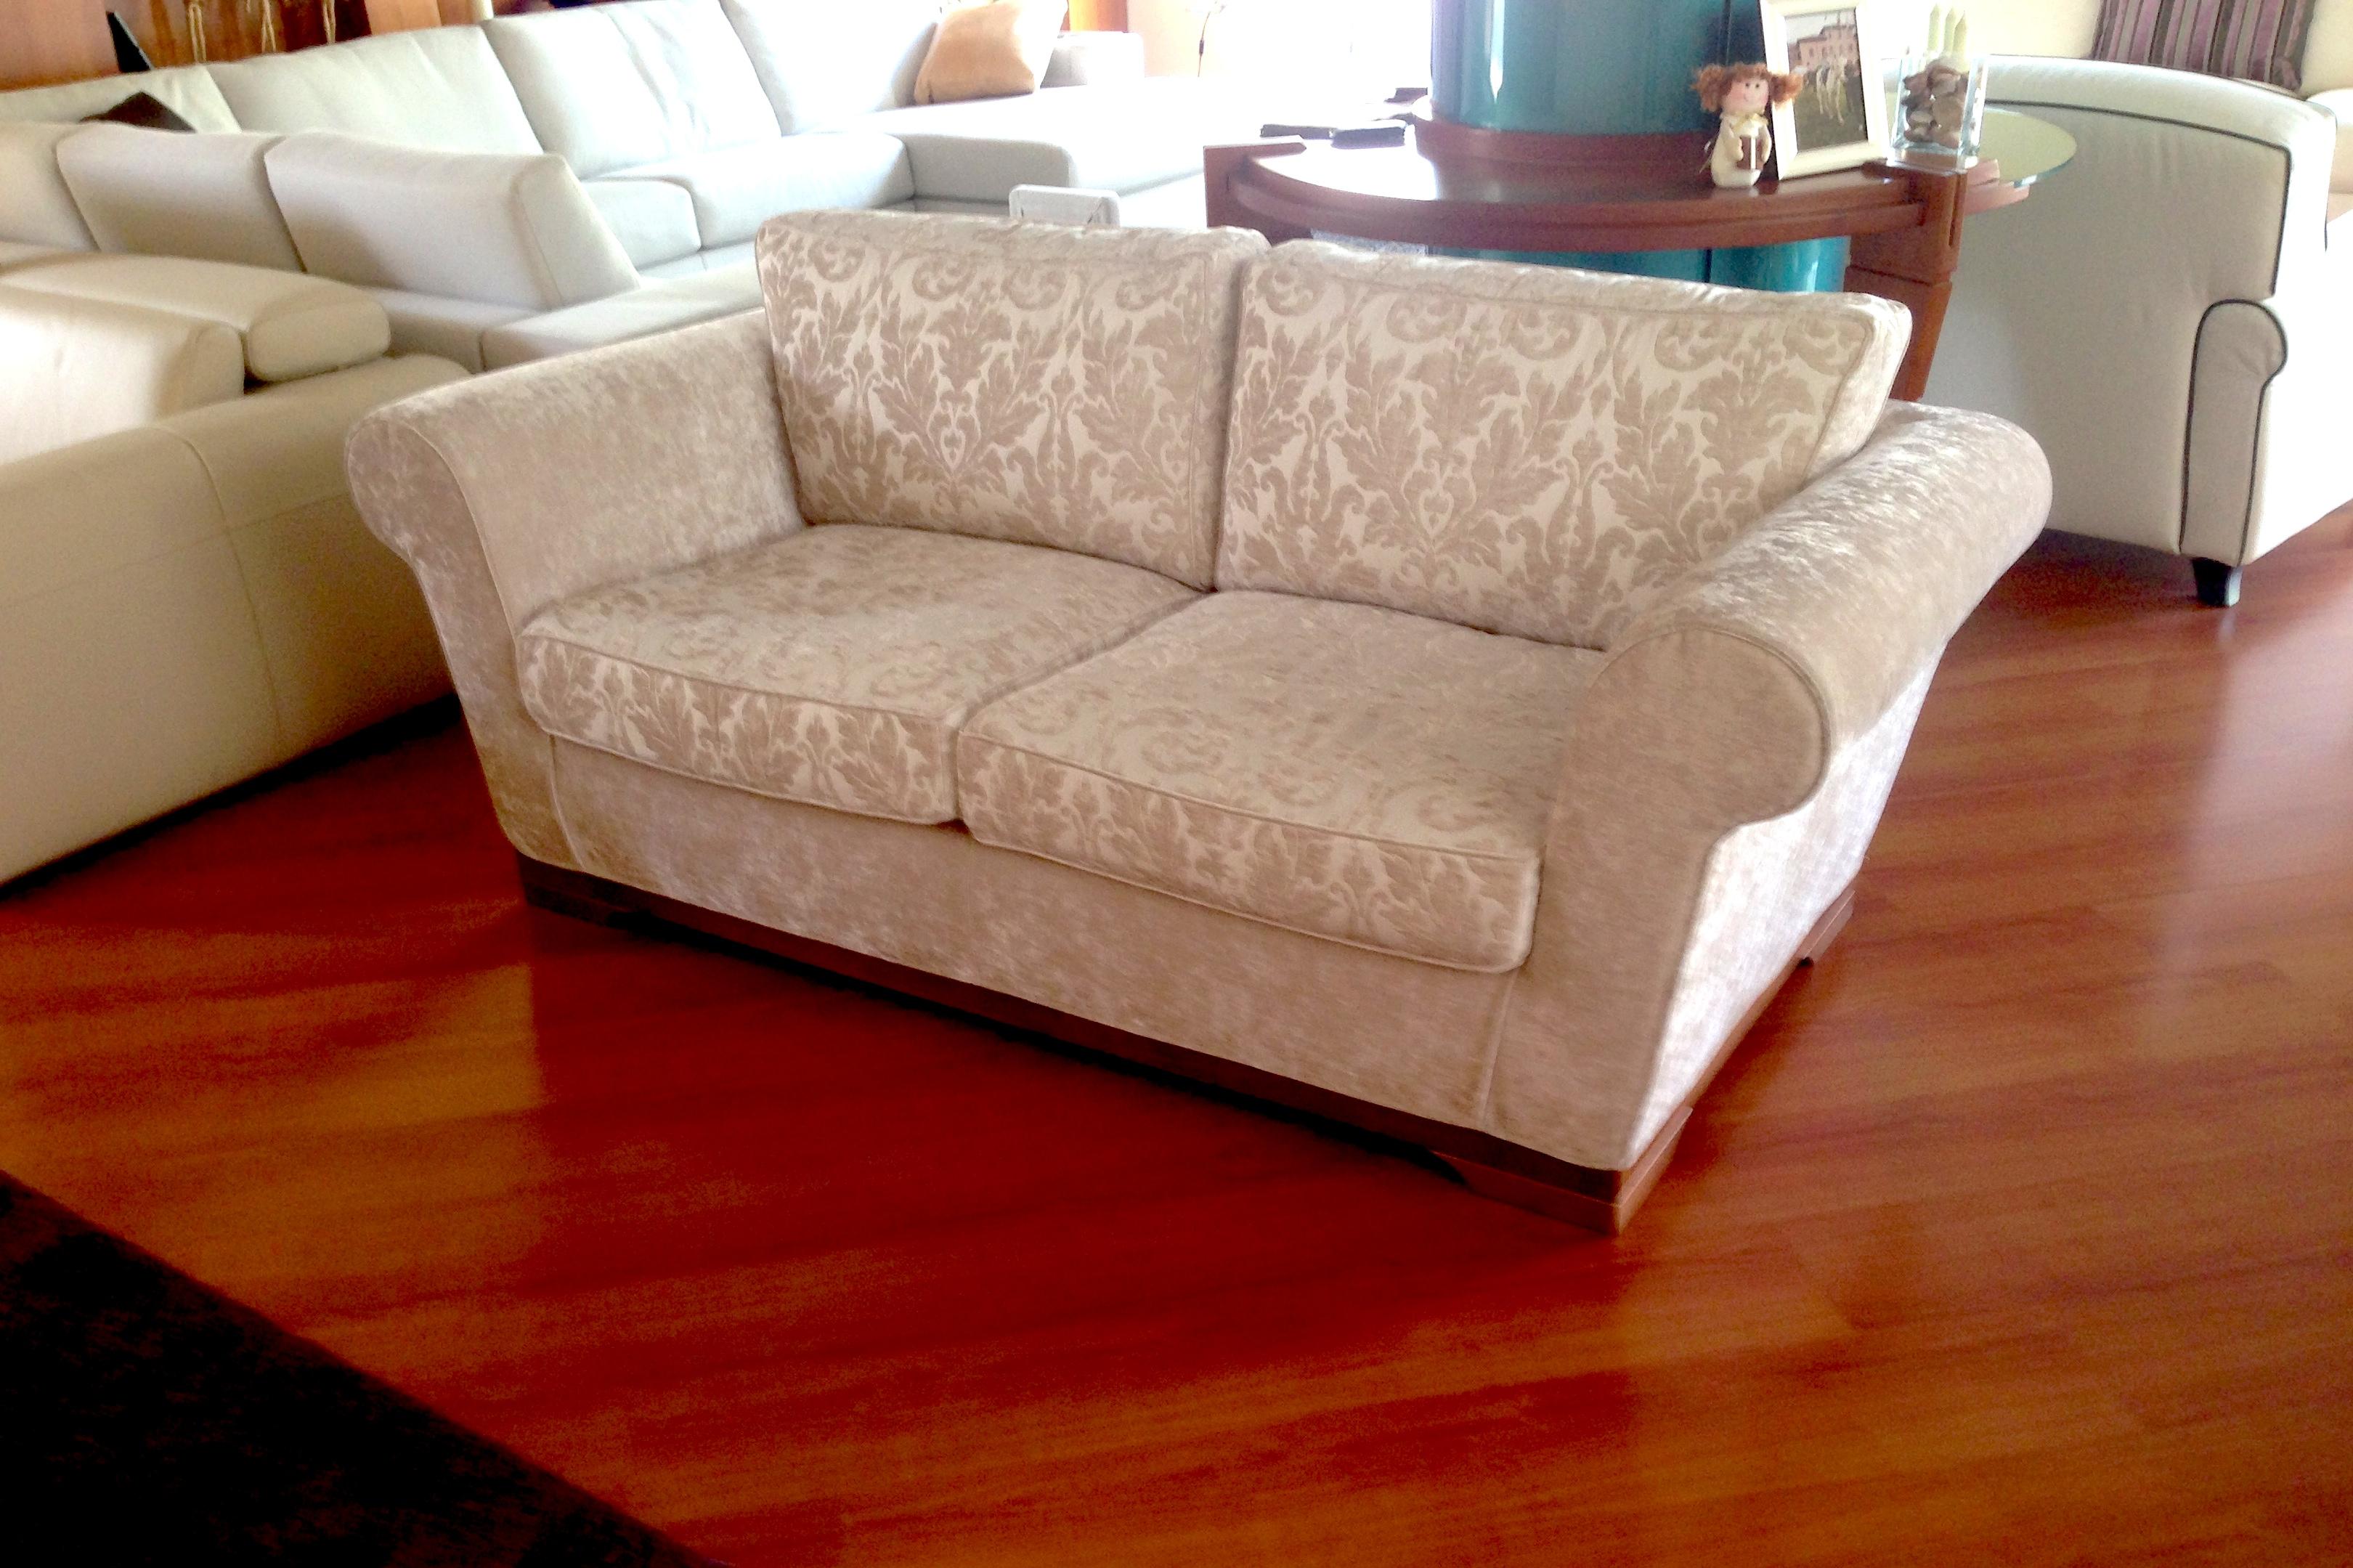 Mimo divani prezzi poltrona gonfiabile blow zanotta zanotta design prodotti outdoor divano - Divano modulare economico ...